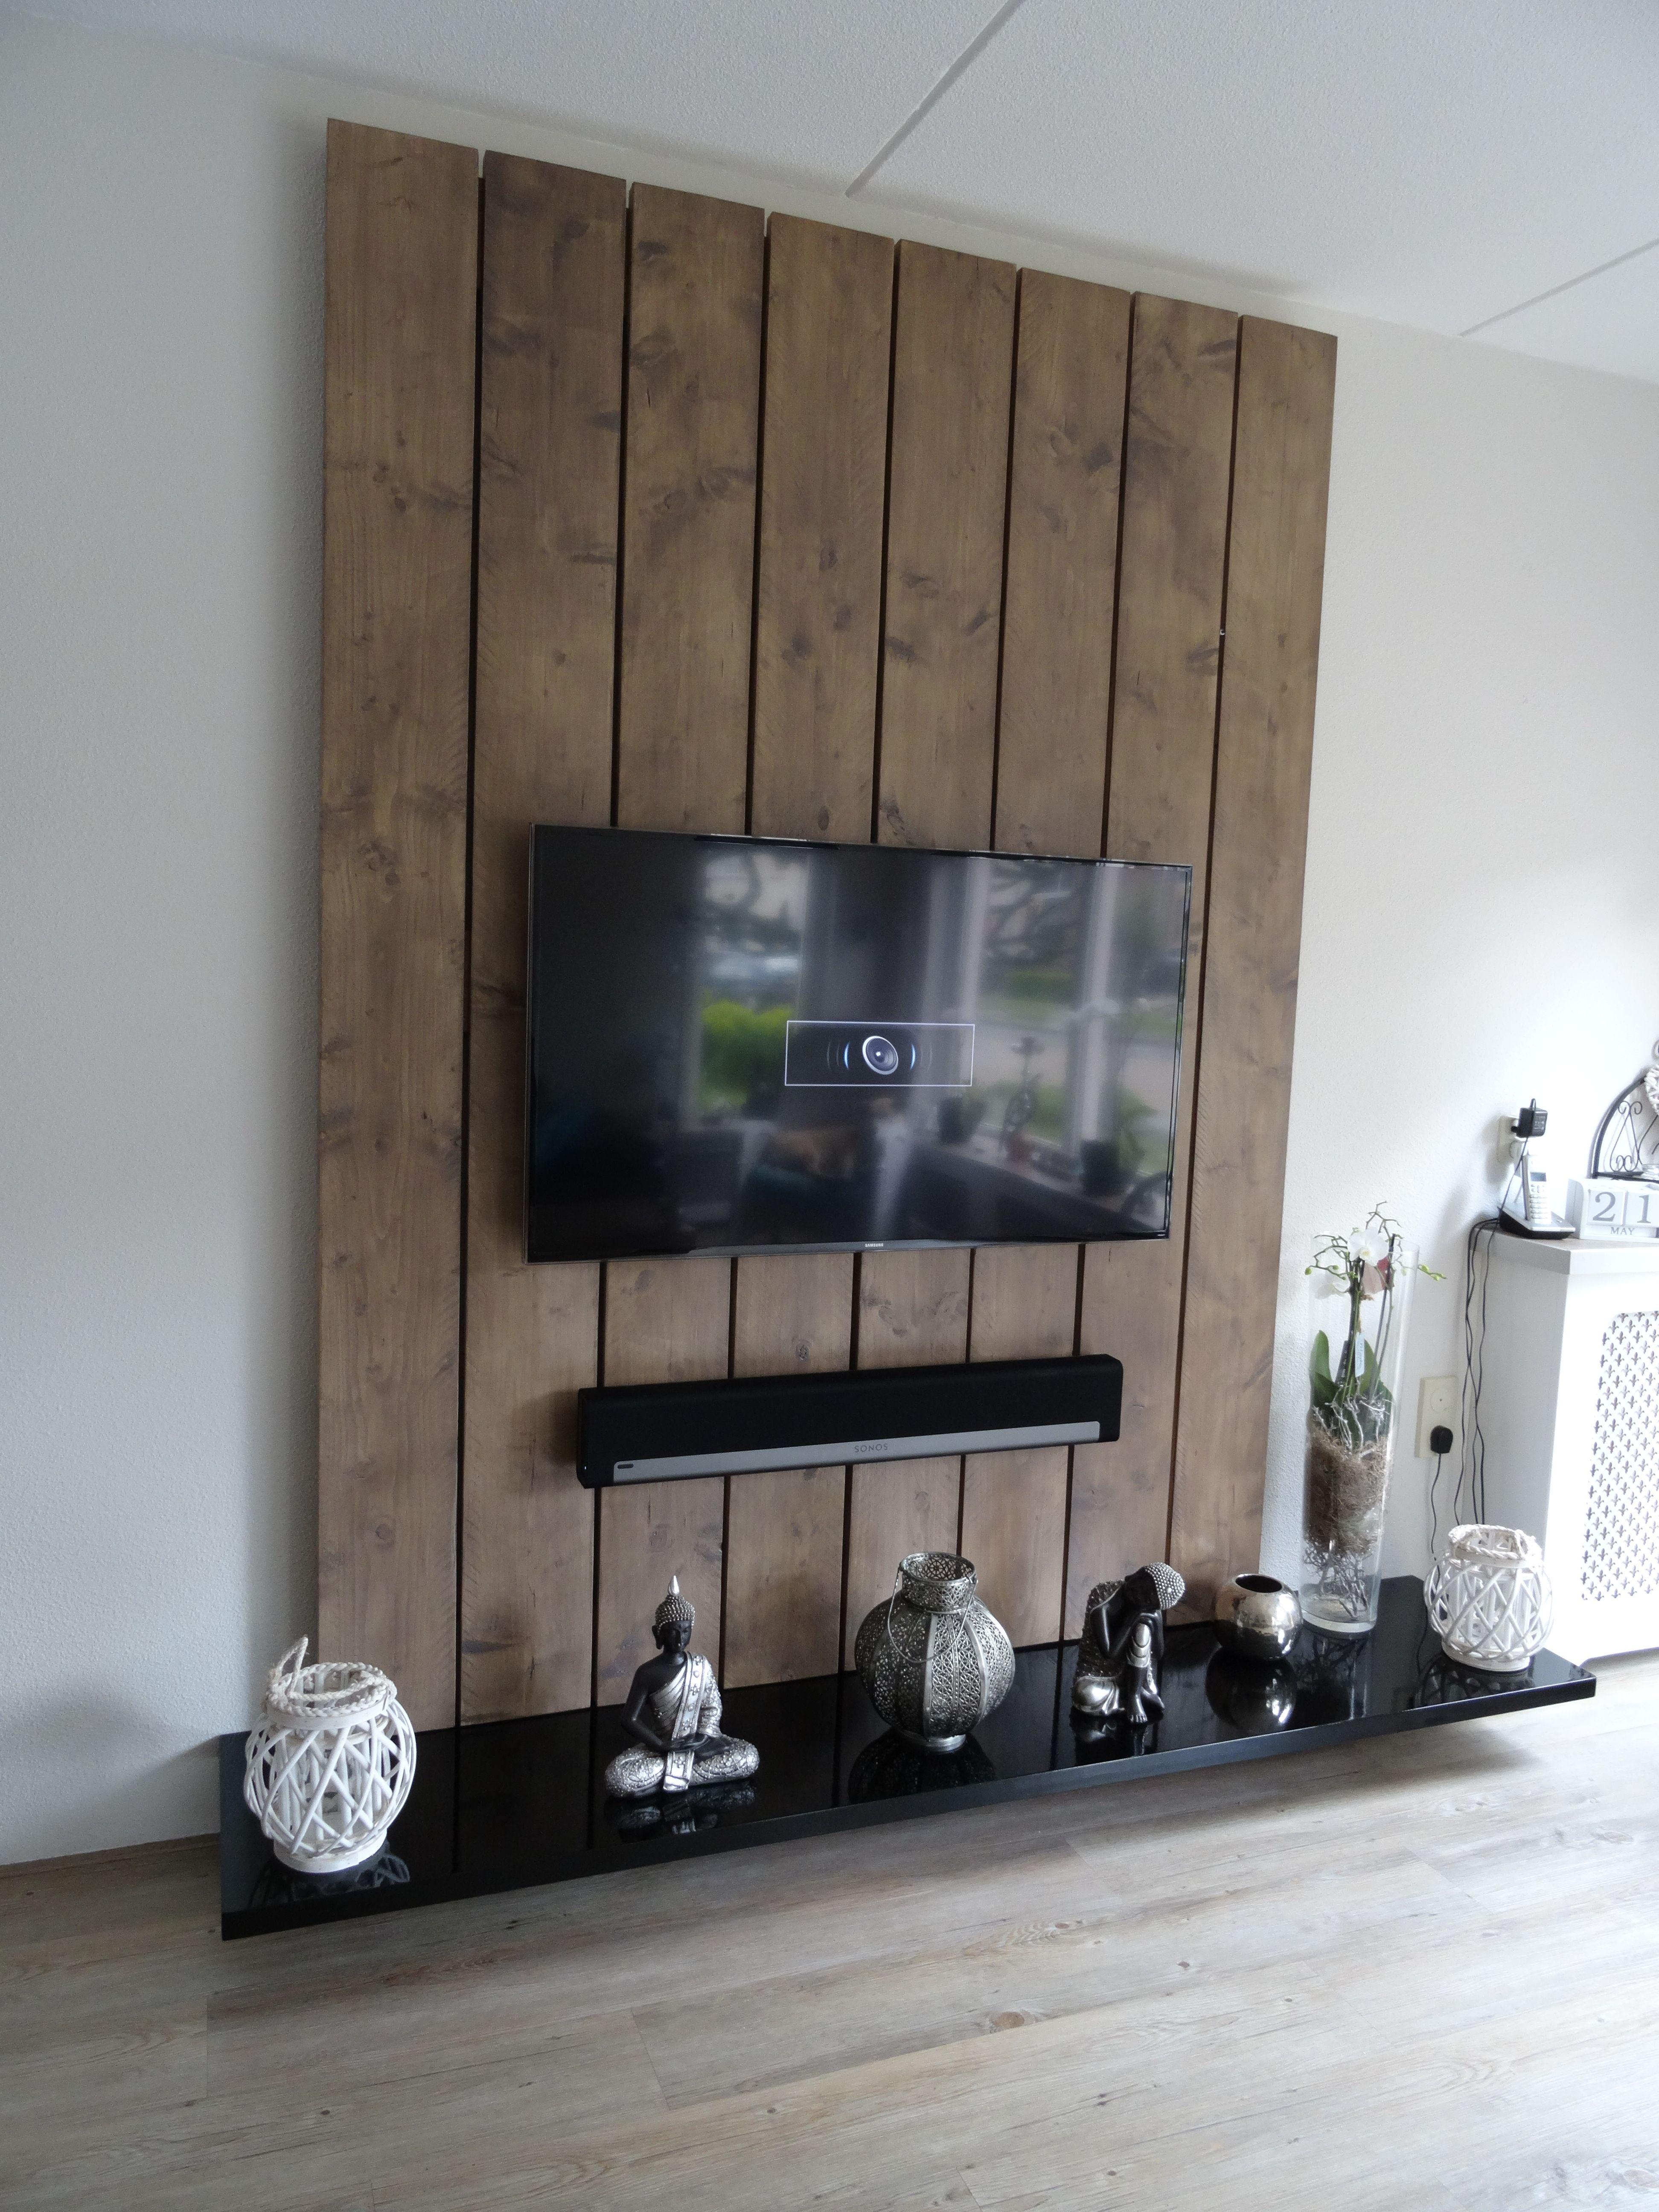 Tv Wandmeubel Gemaakt Van Steigerhout En Mdf De Steigerplanken Zijn Diy Wiring Lampu Rumah Glad Geschuurd In